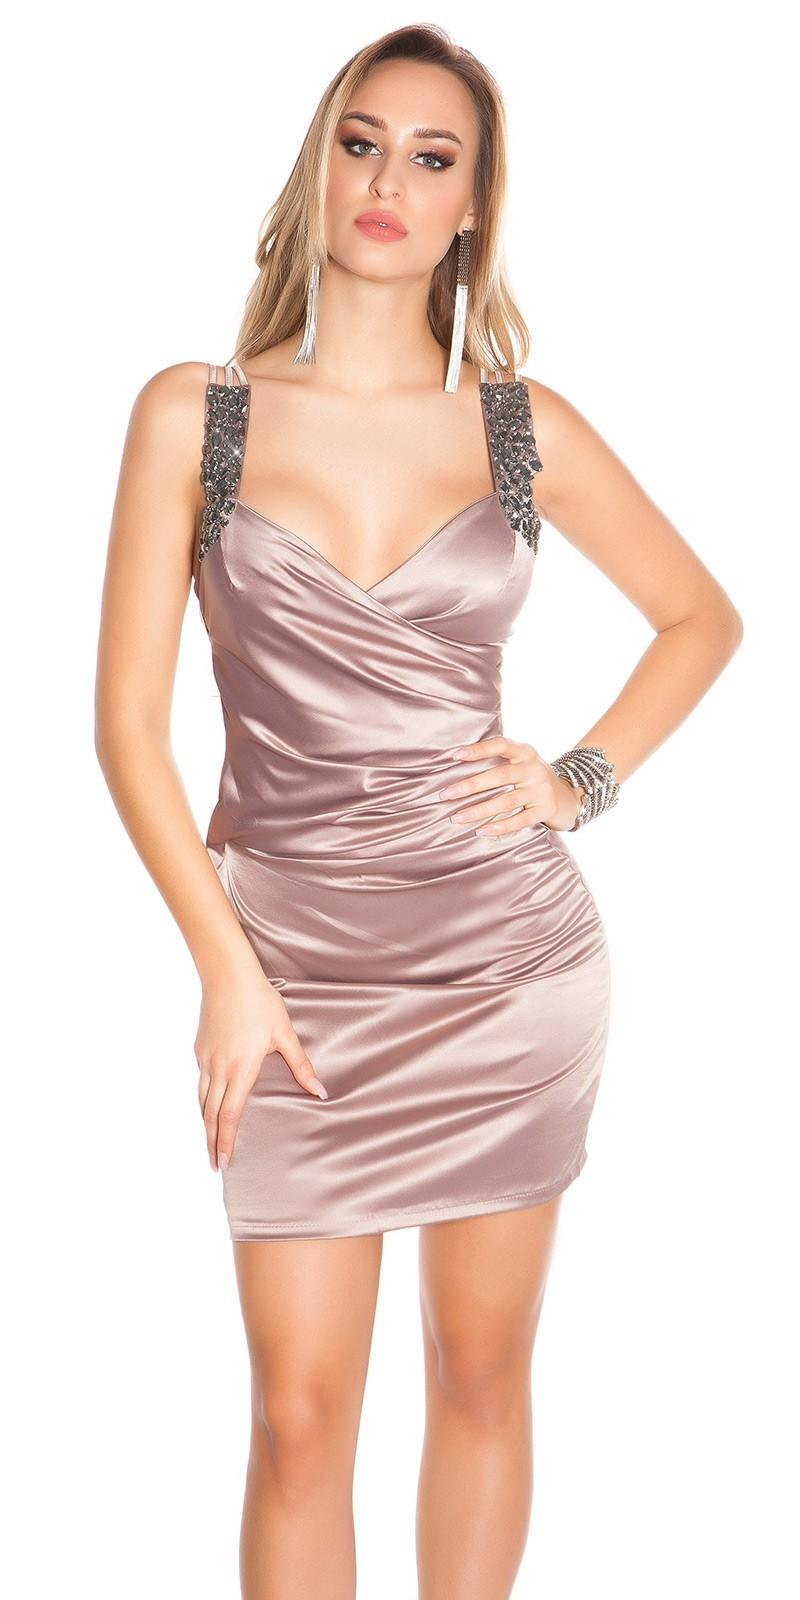 ... výpredajKoktailové šaty Satin-look Cappuccino. 4777-19356 38242b4089e